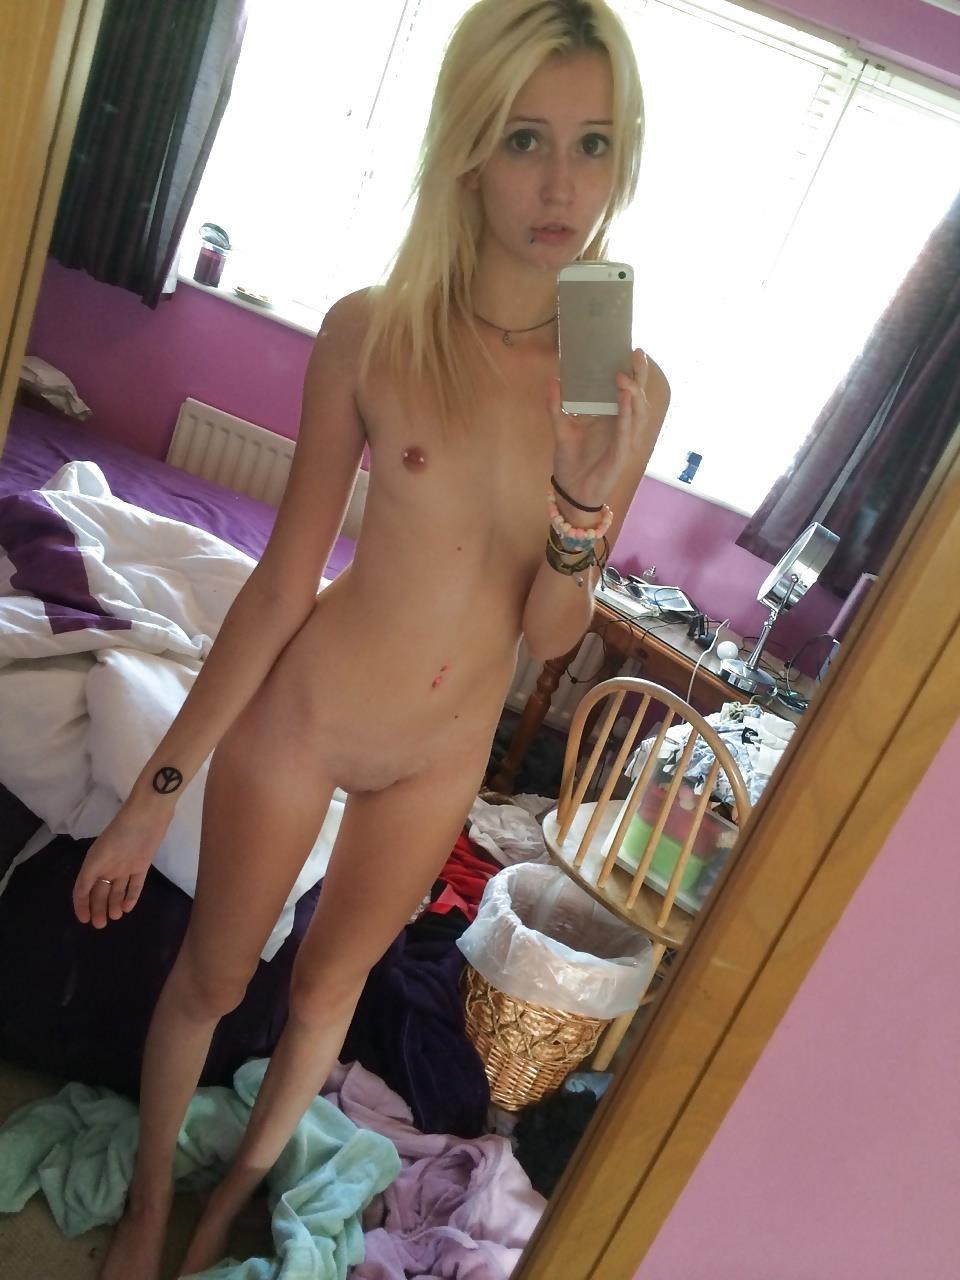 Teen thigh gap porn-3773